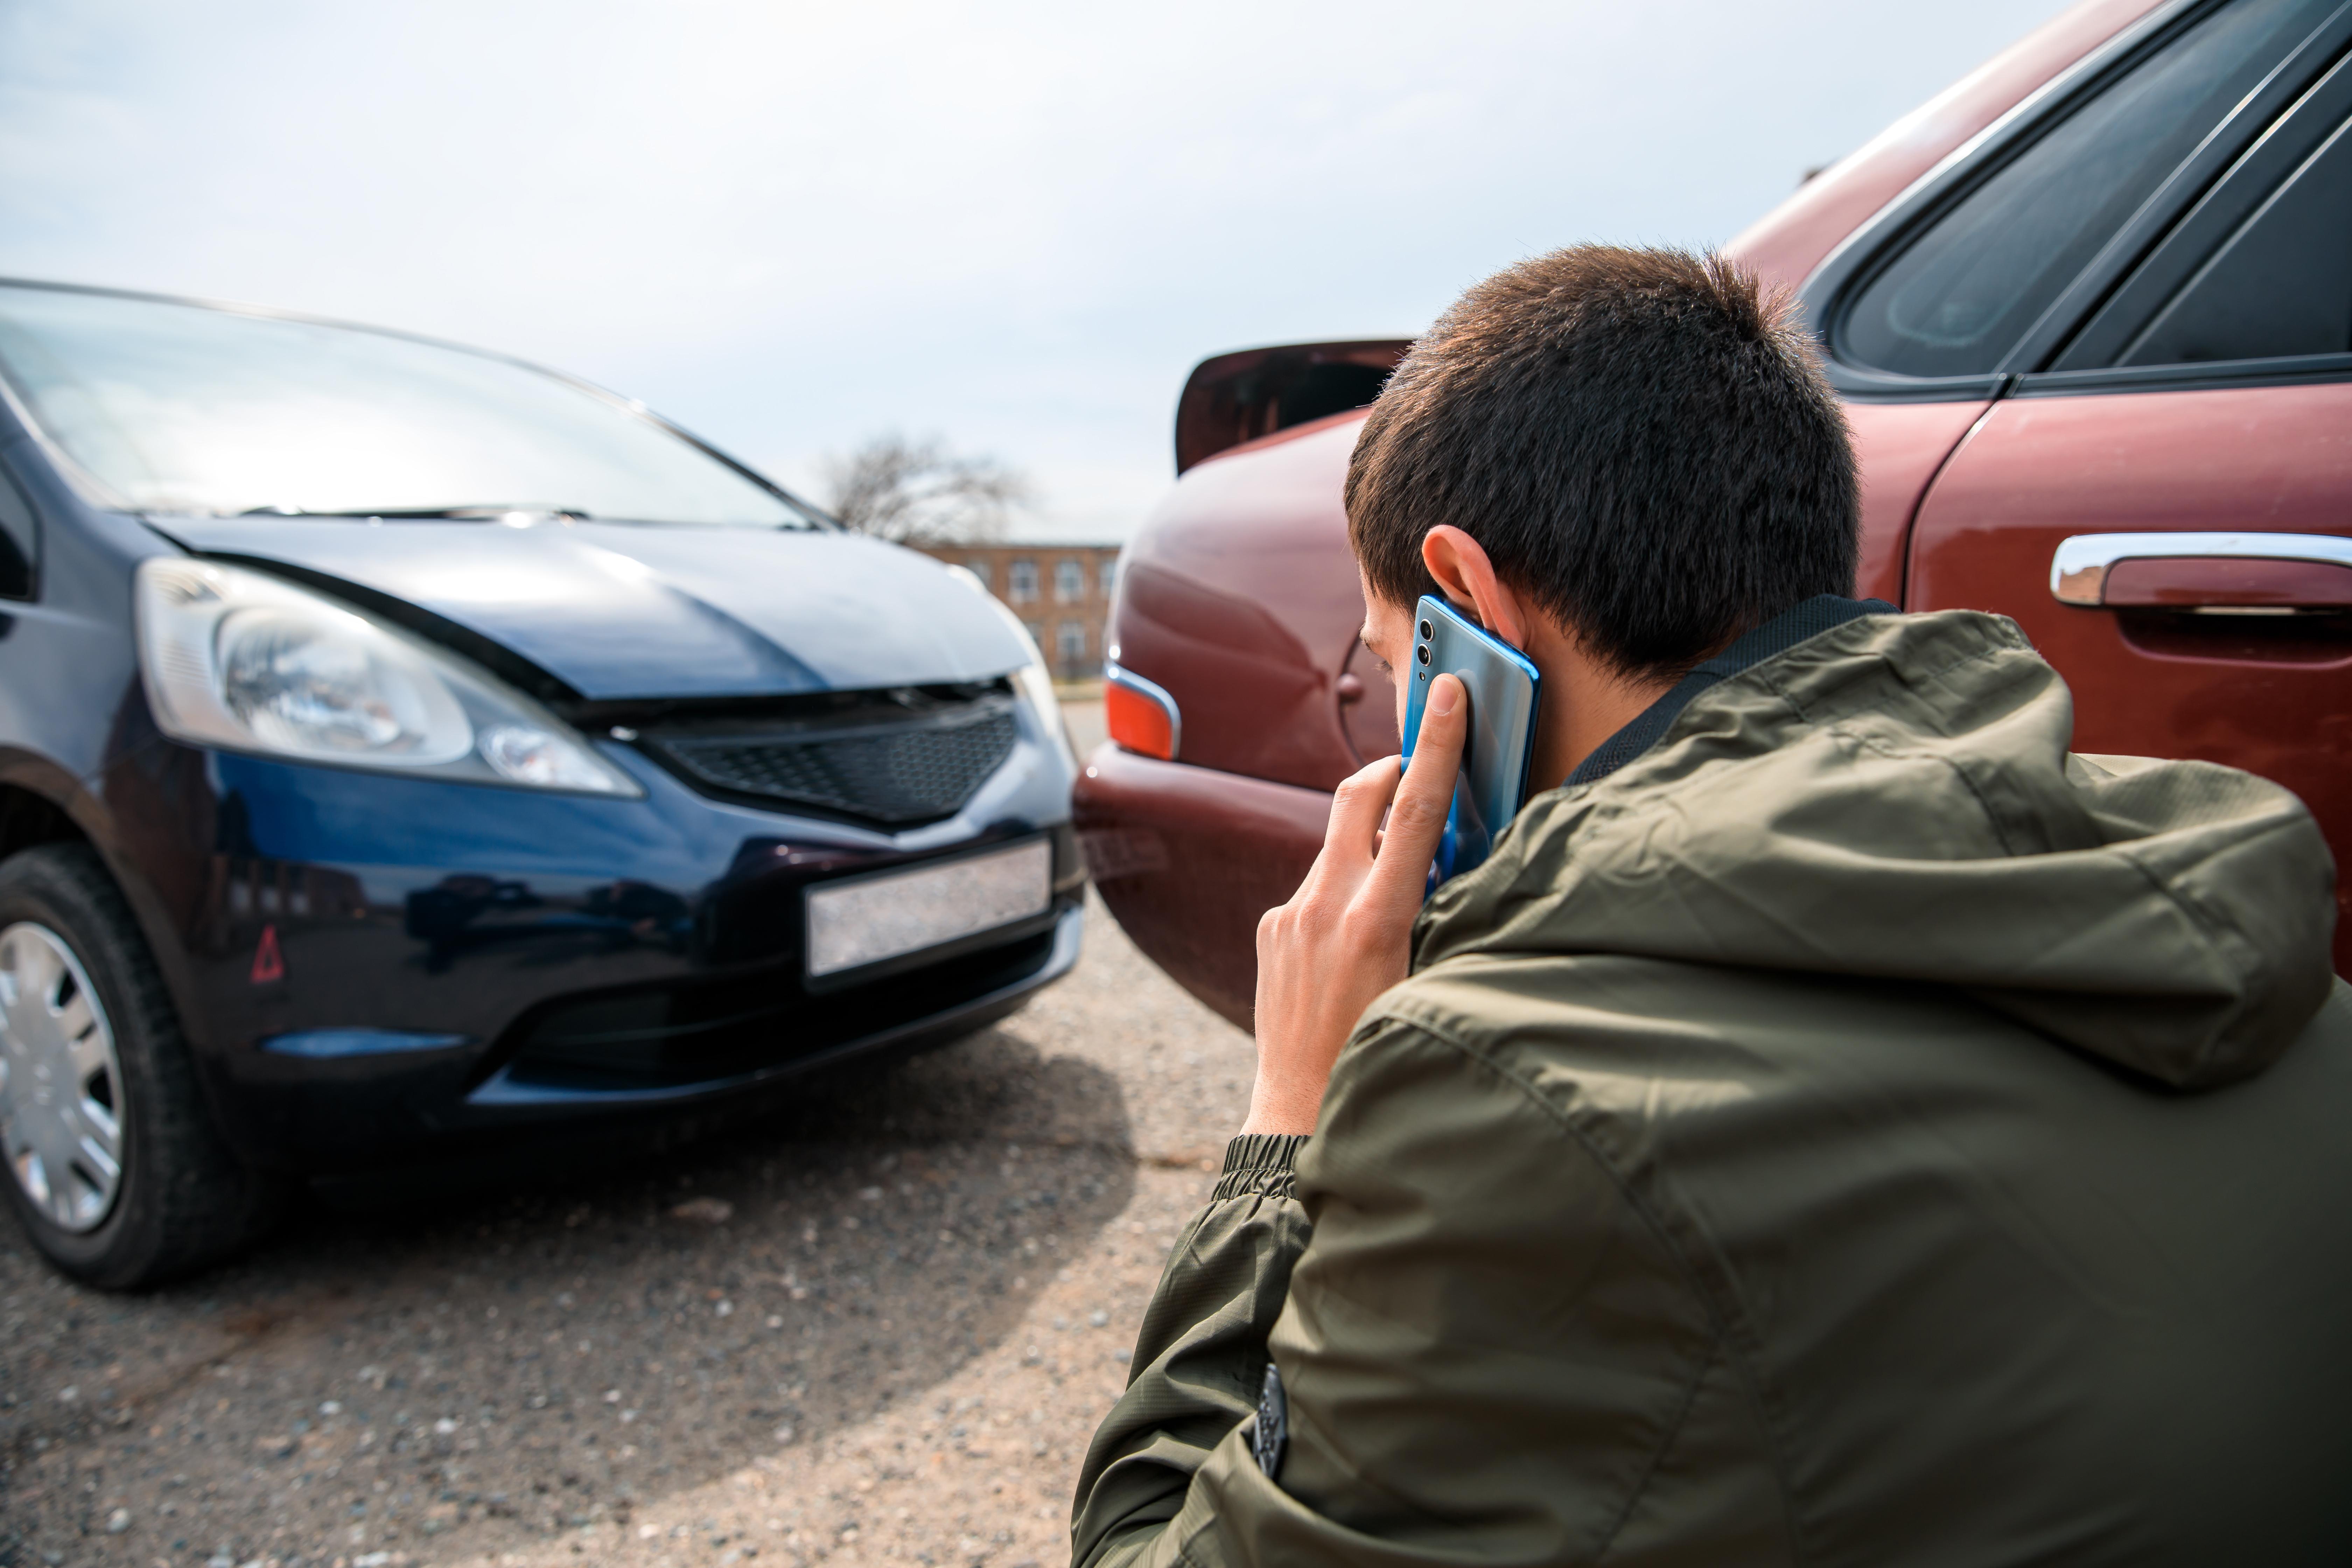 Șofer din Argeș, reținut după ce vrut să calce, intenționat, un consătean. De la ce a pornit totul